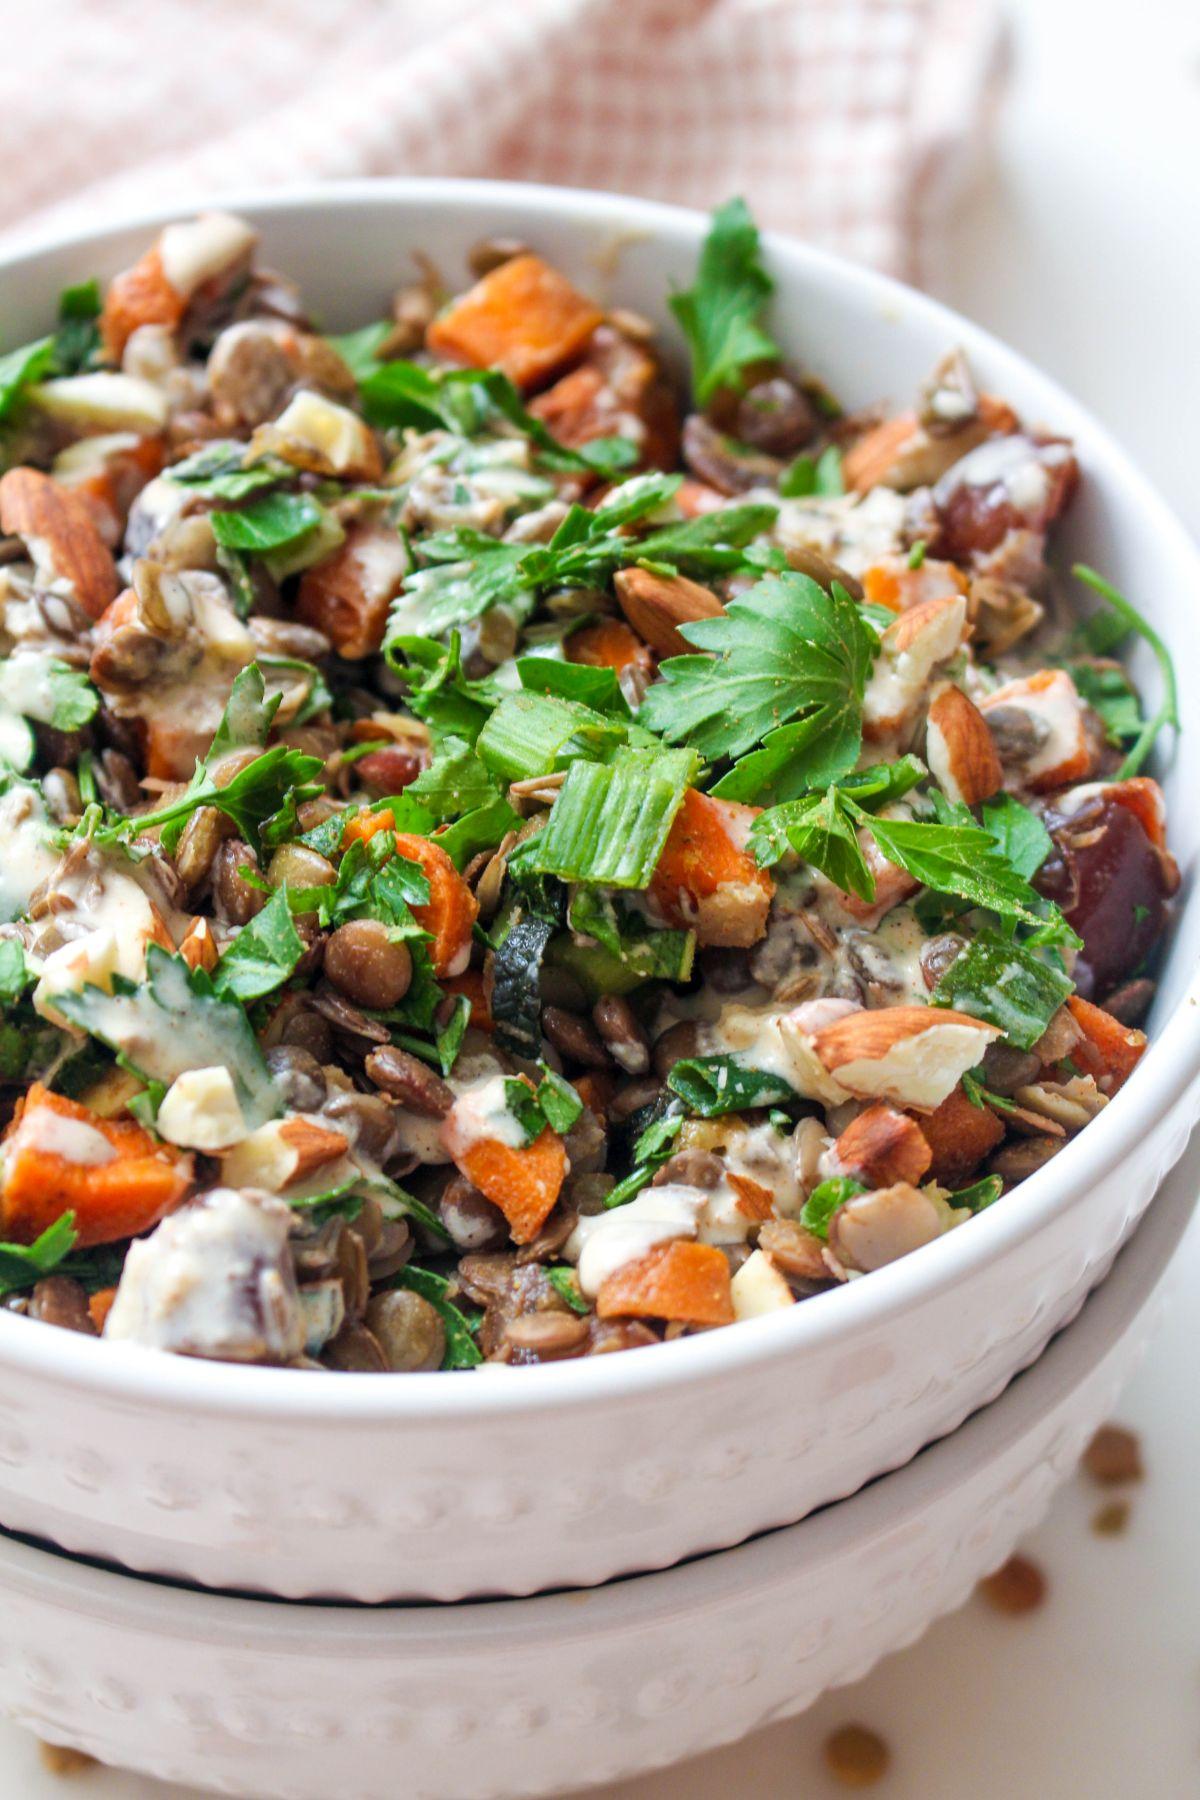 Summer moroccan lentil salad